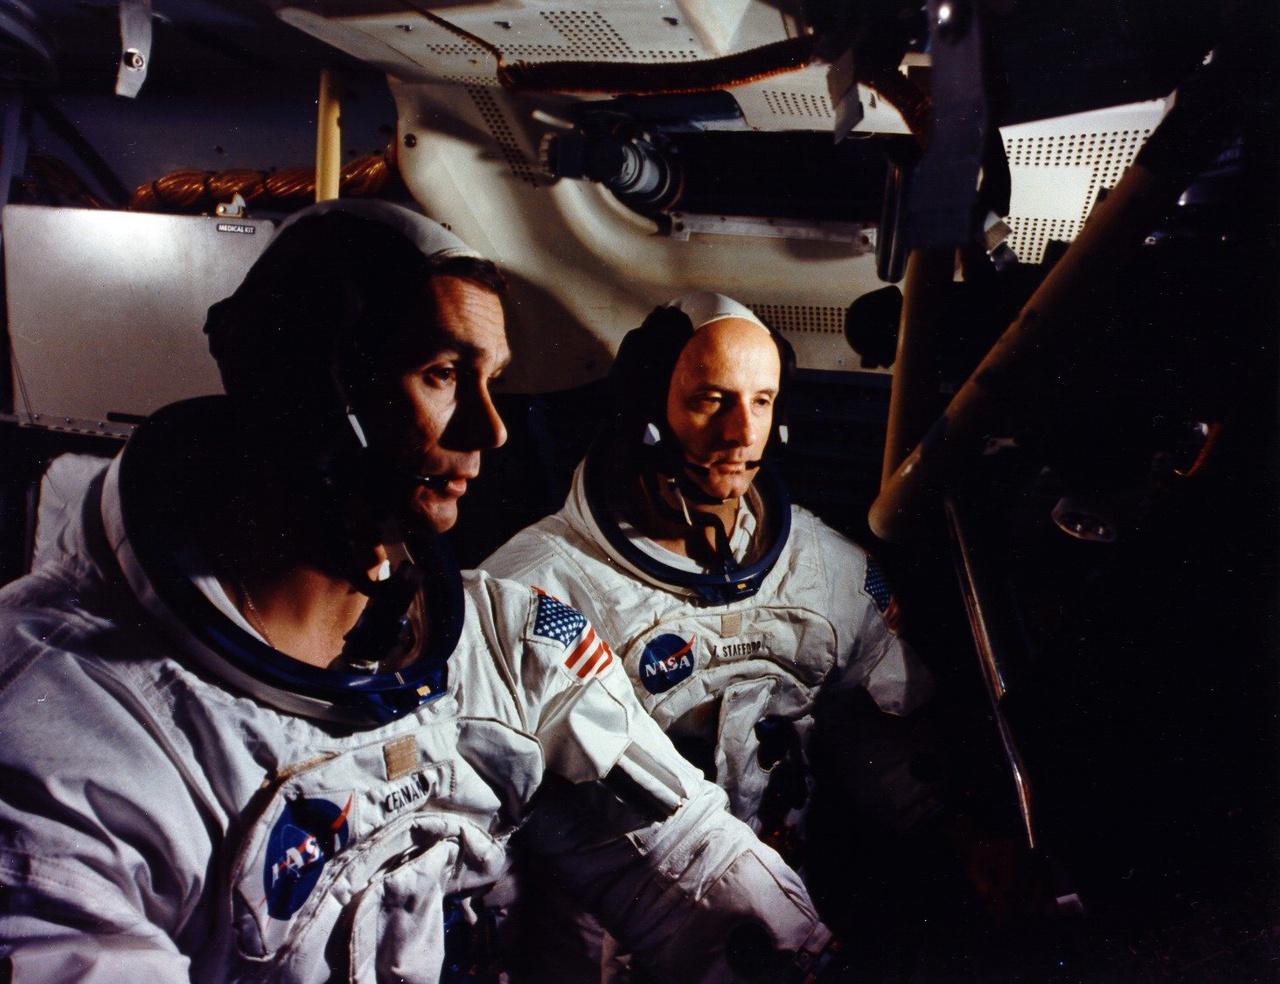 Az Apollo-10 küldetés két tagja szimulációs tréningen . Stafford a parancsnok, Cernan a holdkomppilóta.